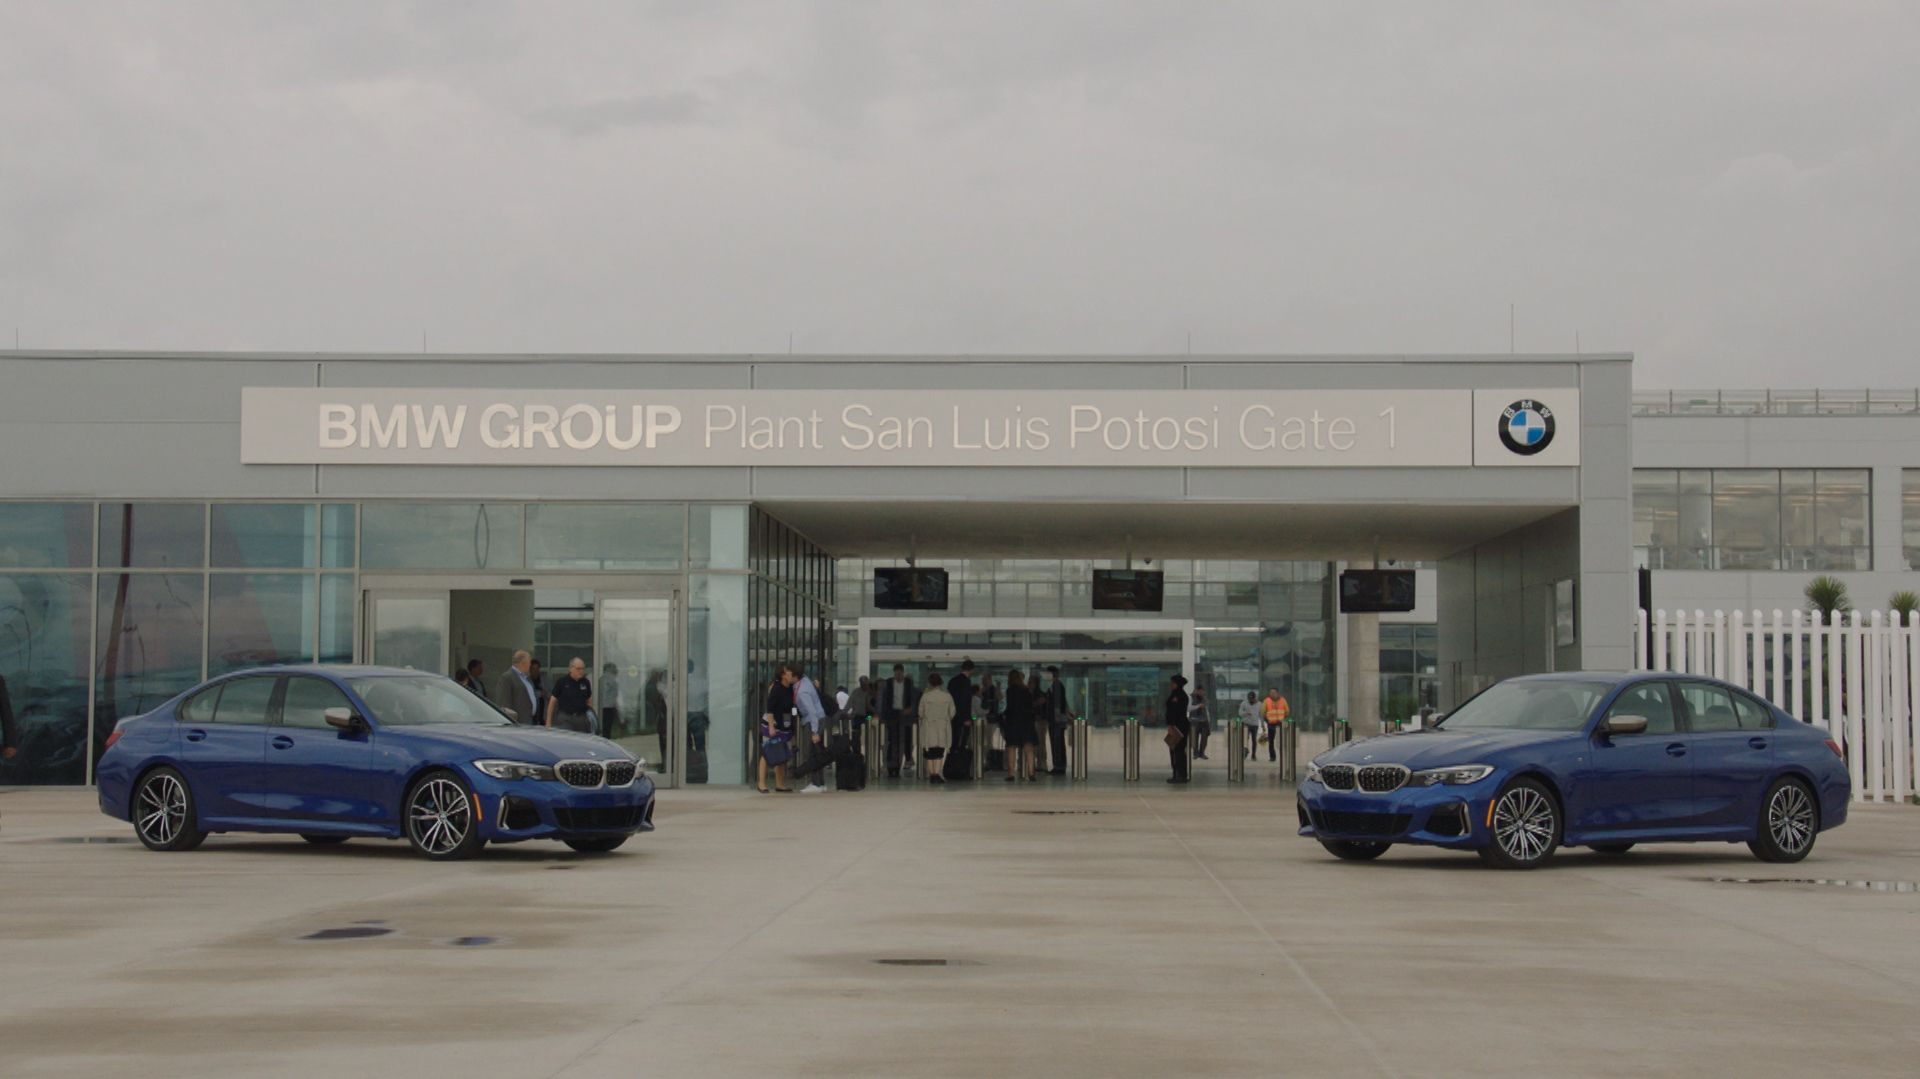 Das neue BMW-Werk in San Luis Potosí.